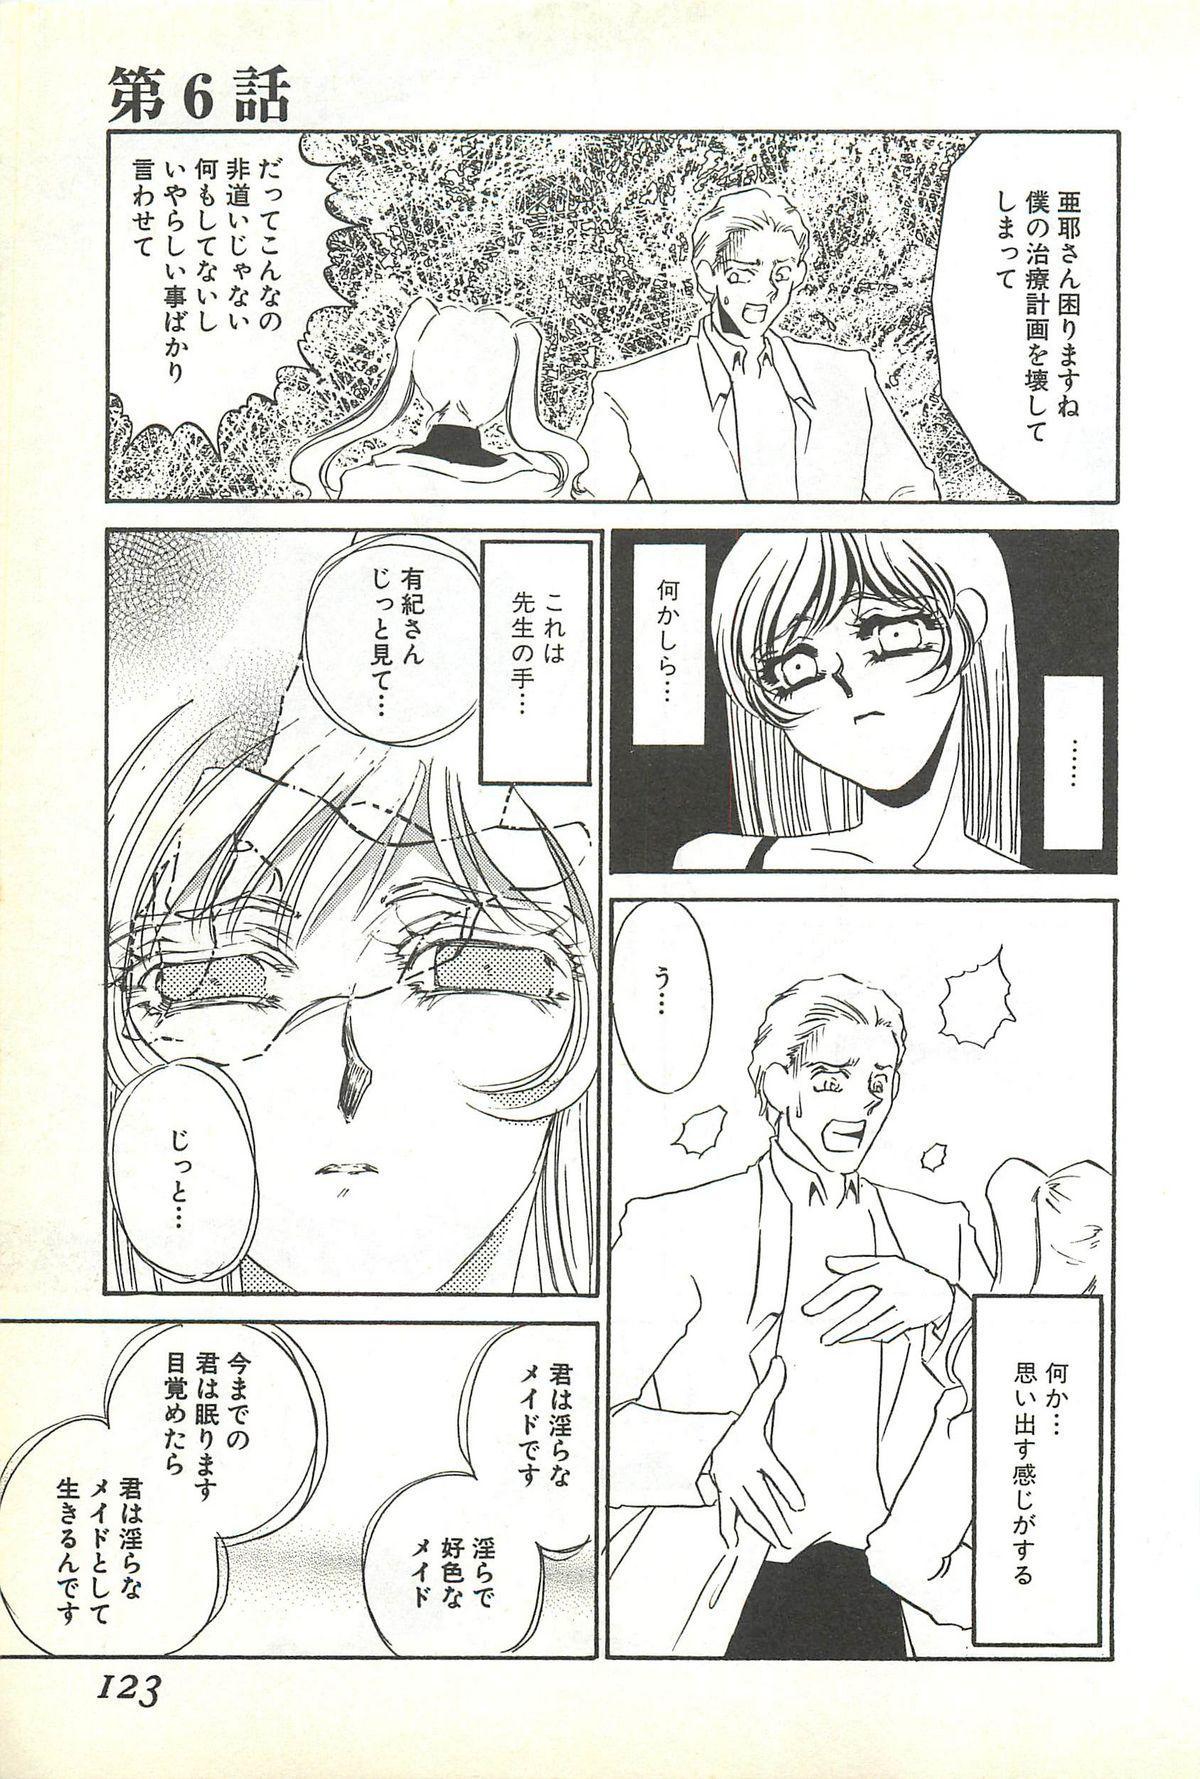 Chigyaku no Heya - A Shameful Punishment Room 118